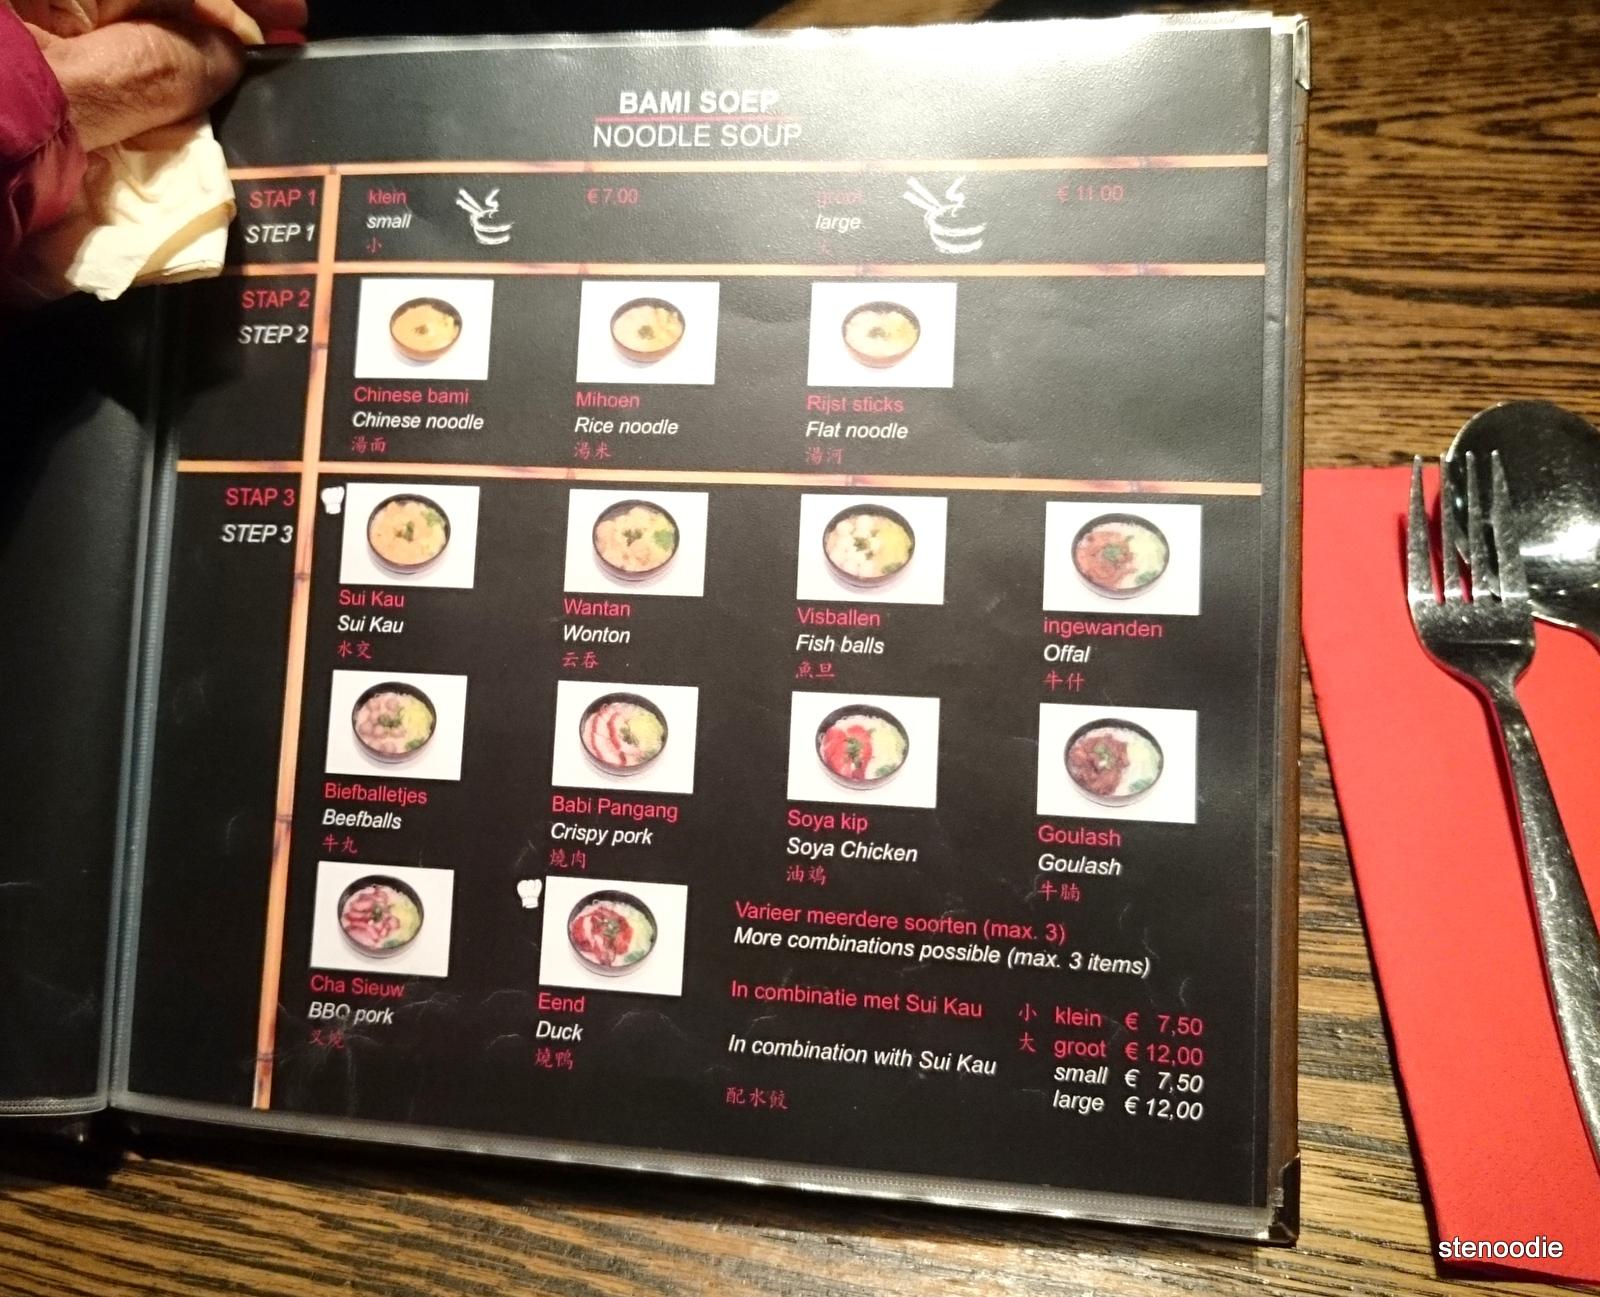 New King Mandarin Cuisine Noodle Soup menu